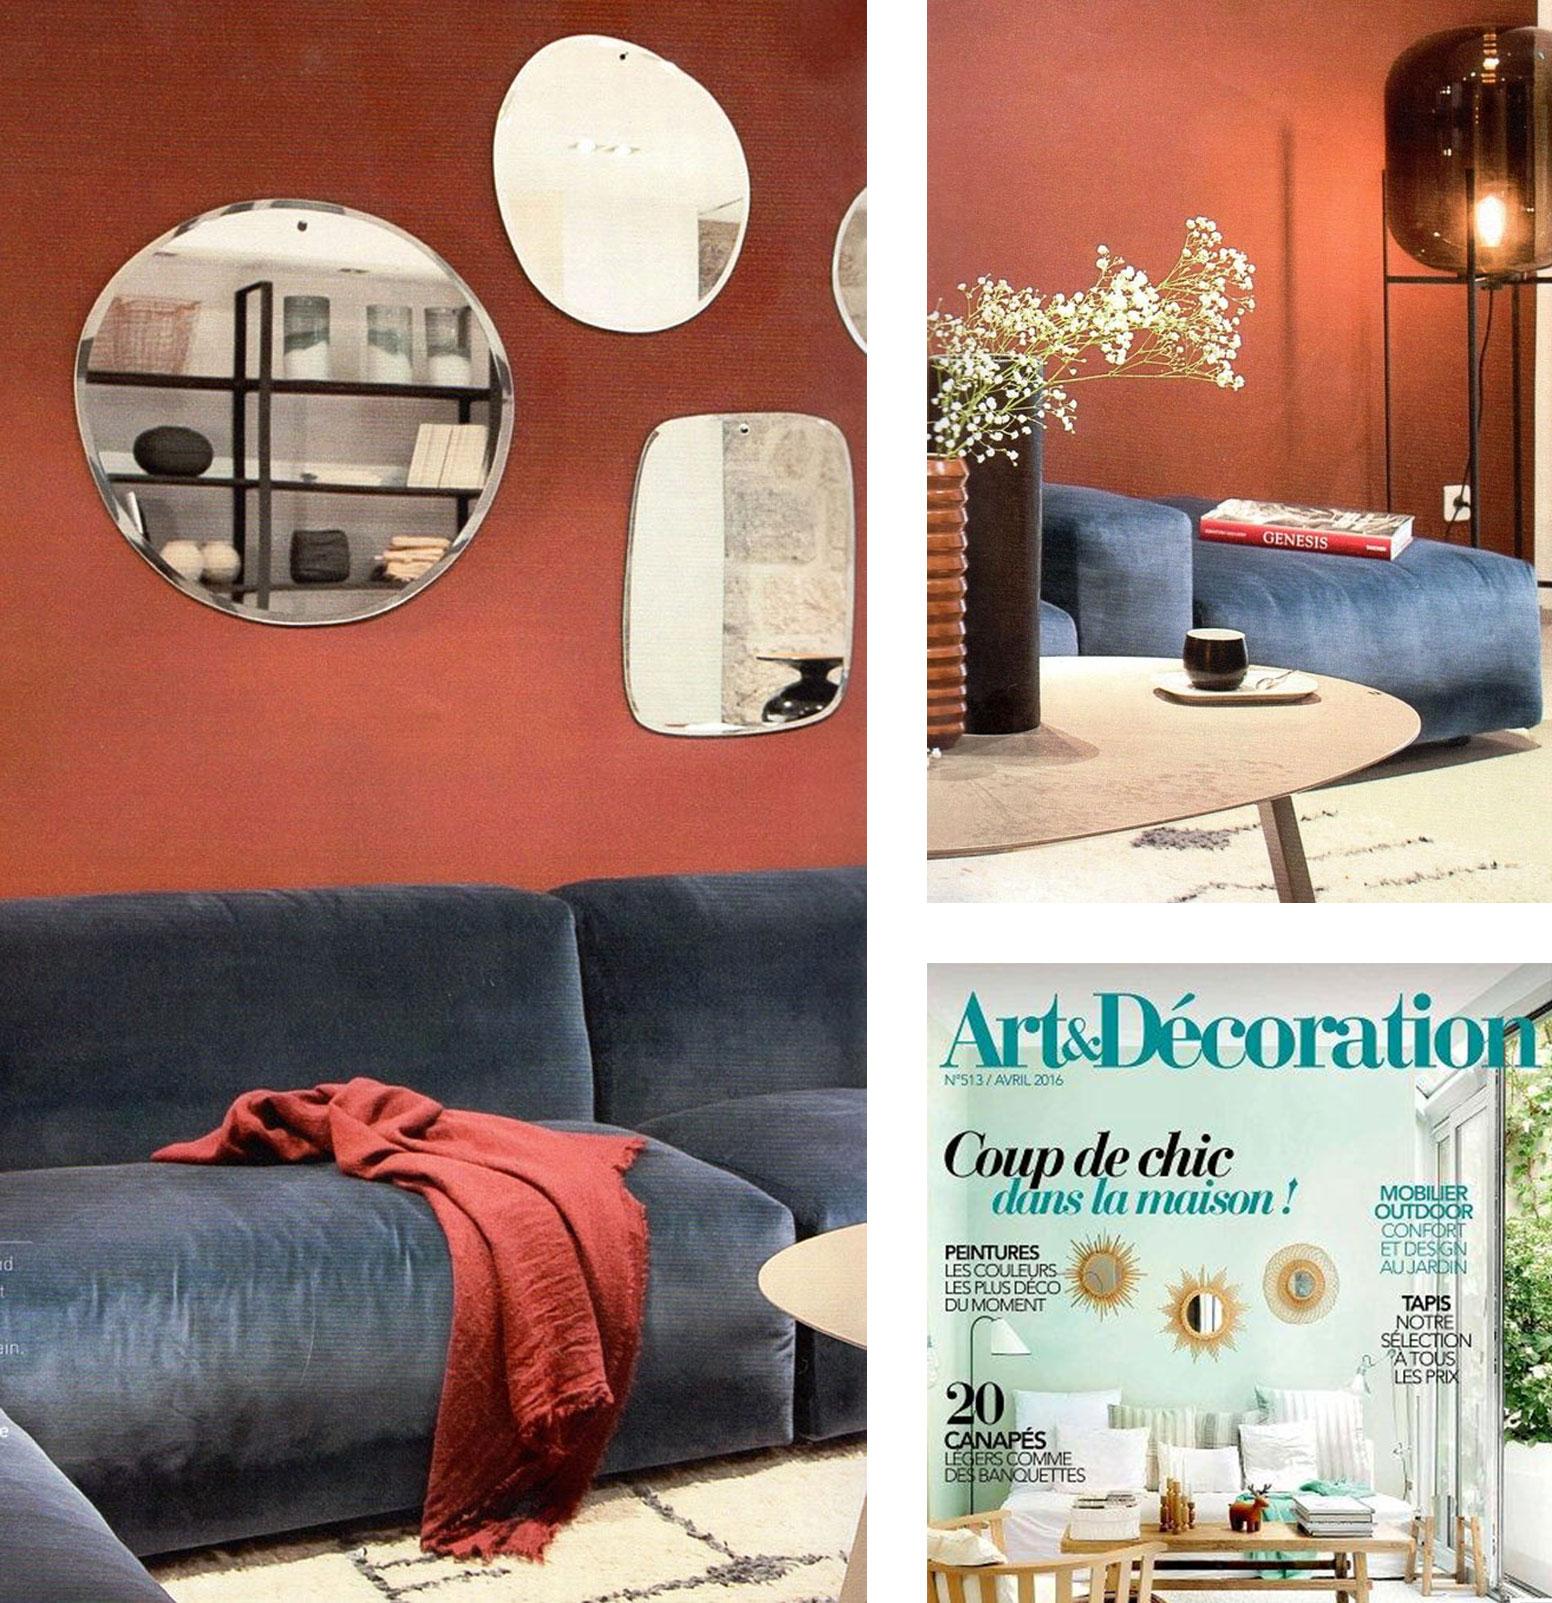 Art & Decoration — M nuance